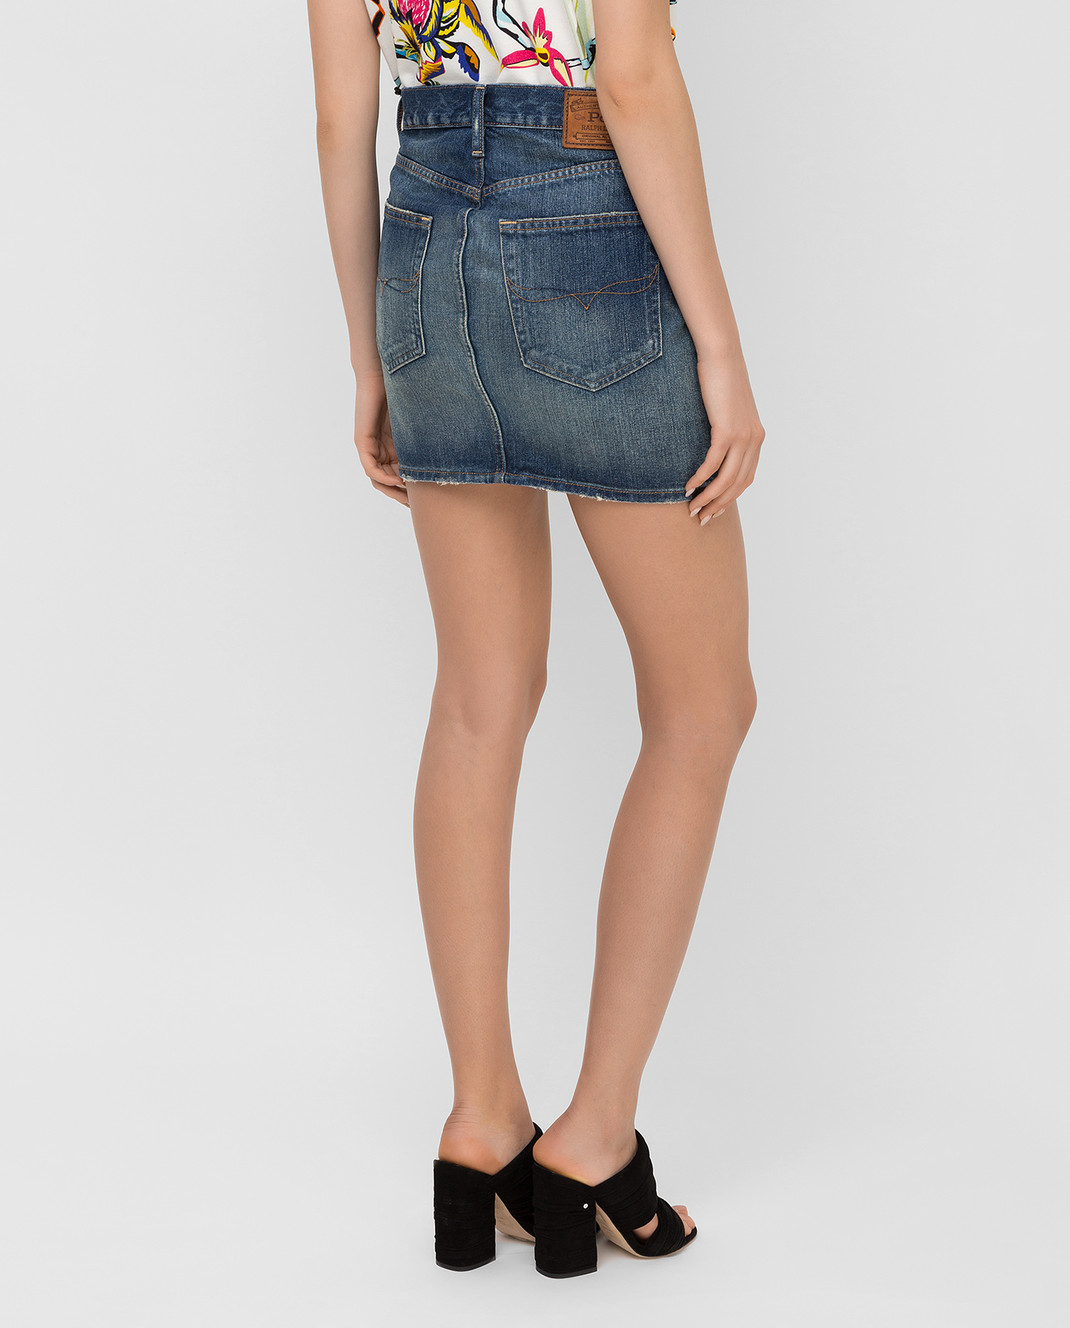 Ralph Lauren Синяя джинсовая юбка V60IH924 изображение 4